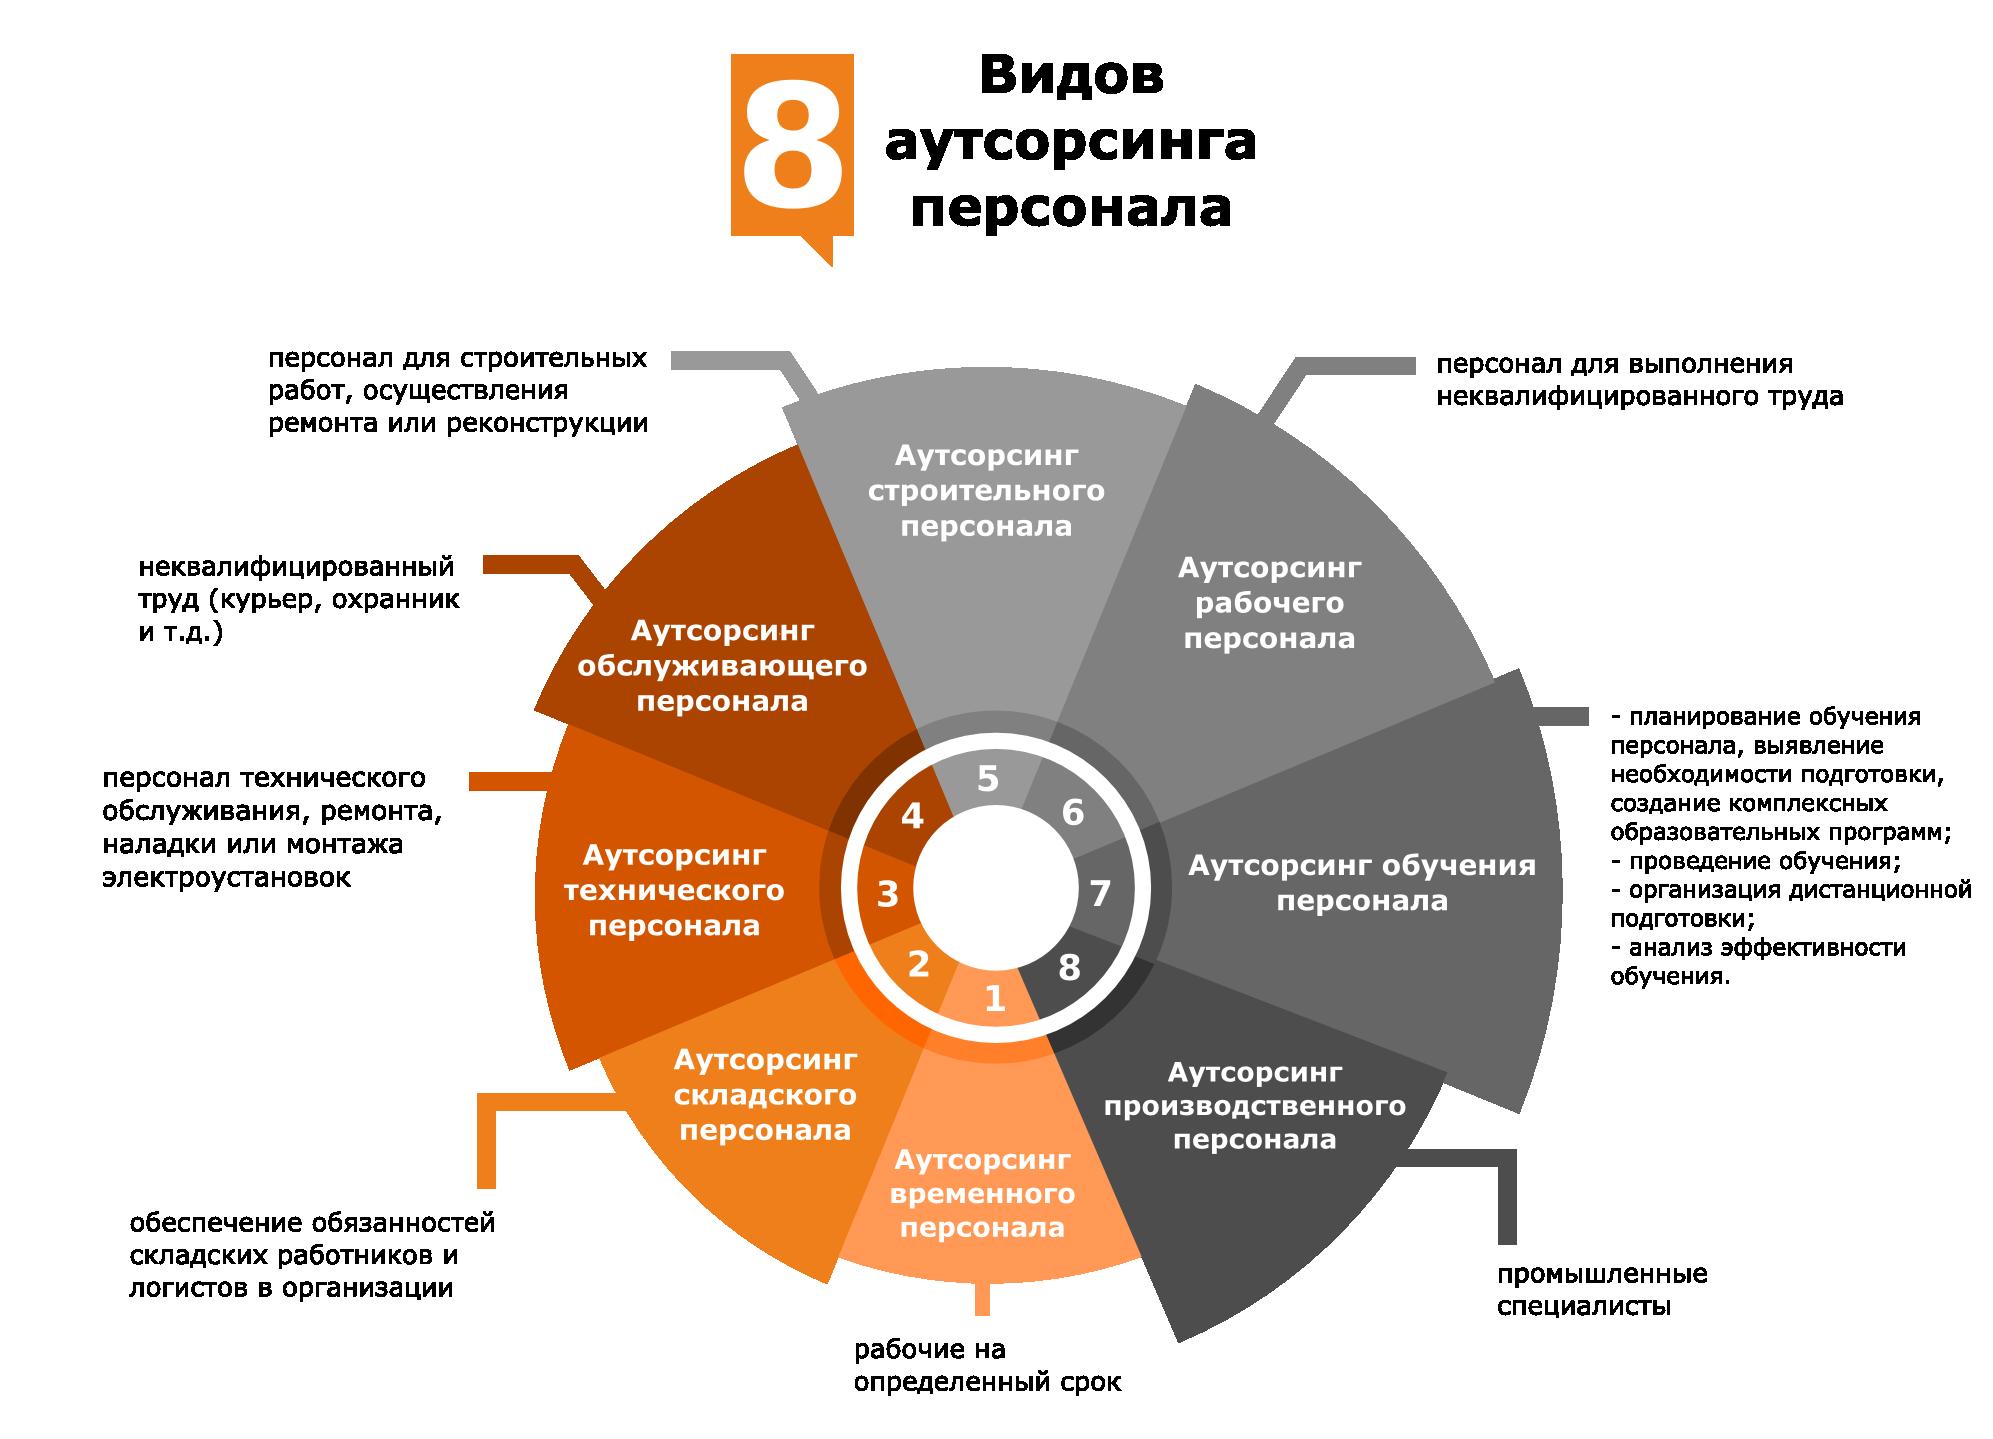 Кадровый аутсорсинг как комплекс работы с кадрами профессиональные организации по сертификации бухгалтеров в рк